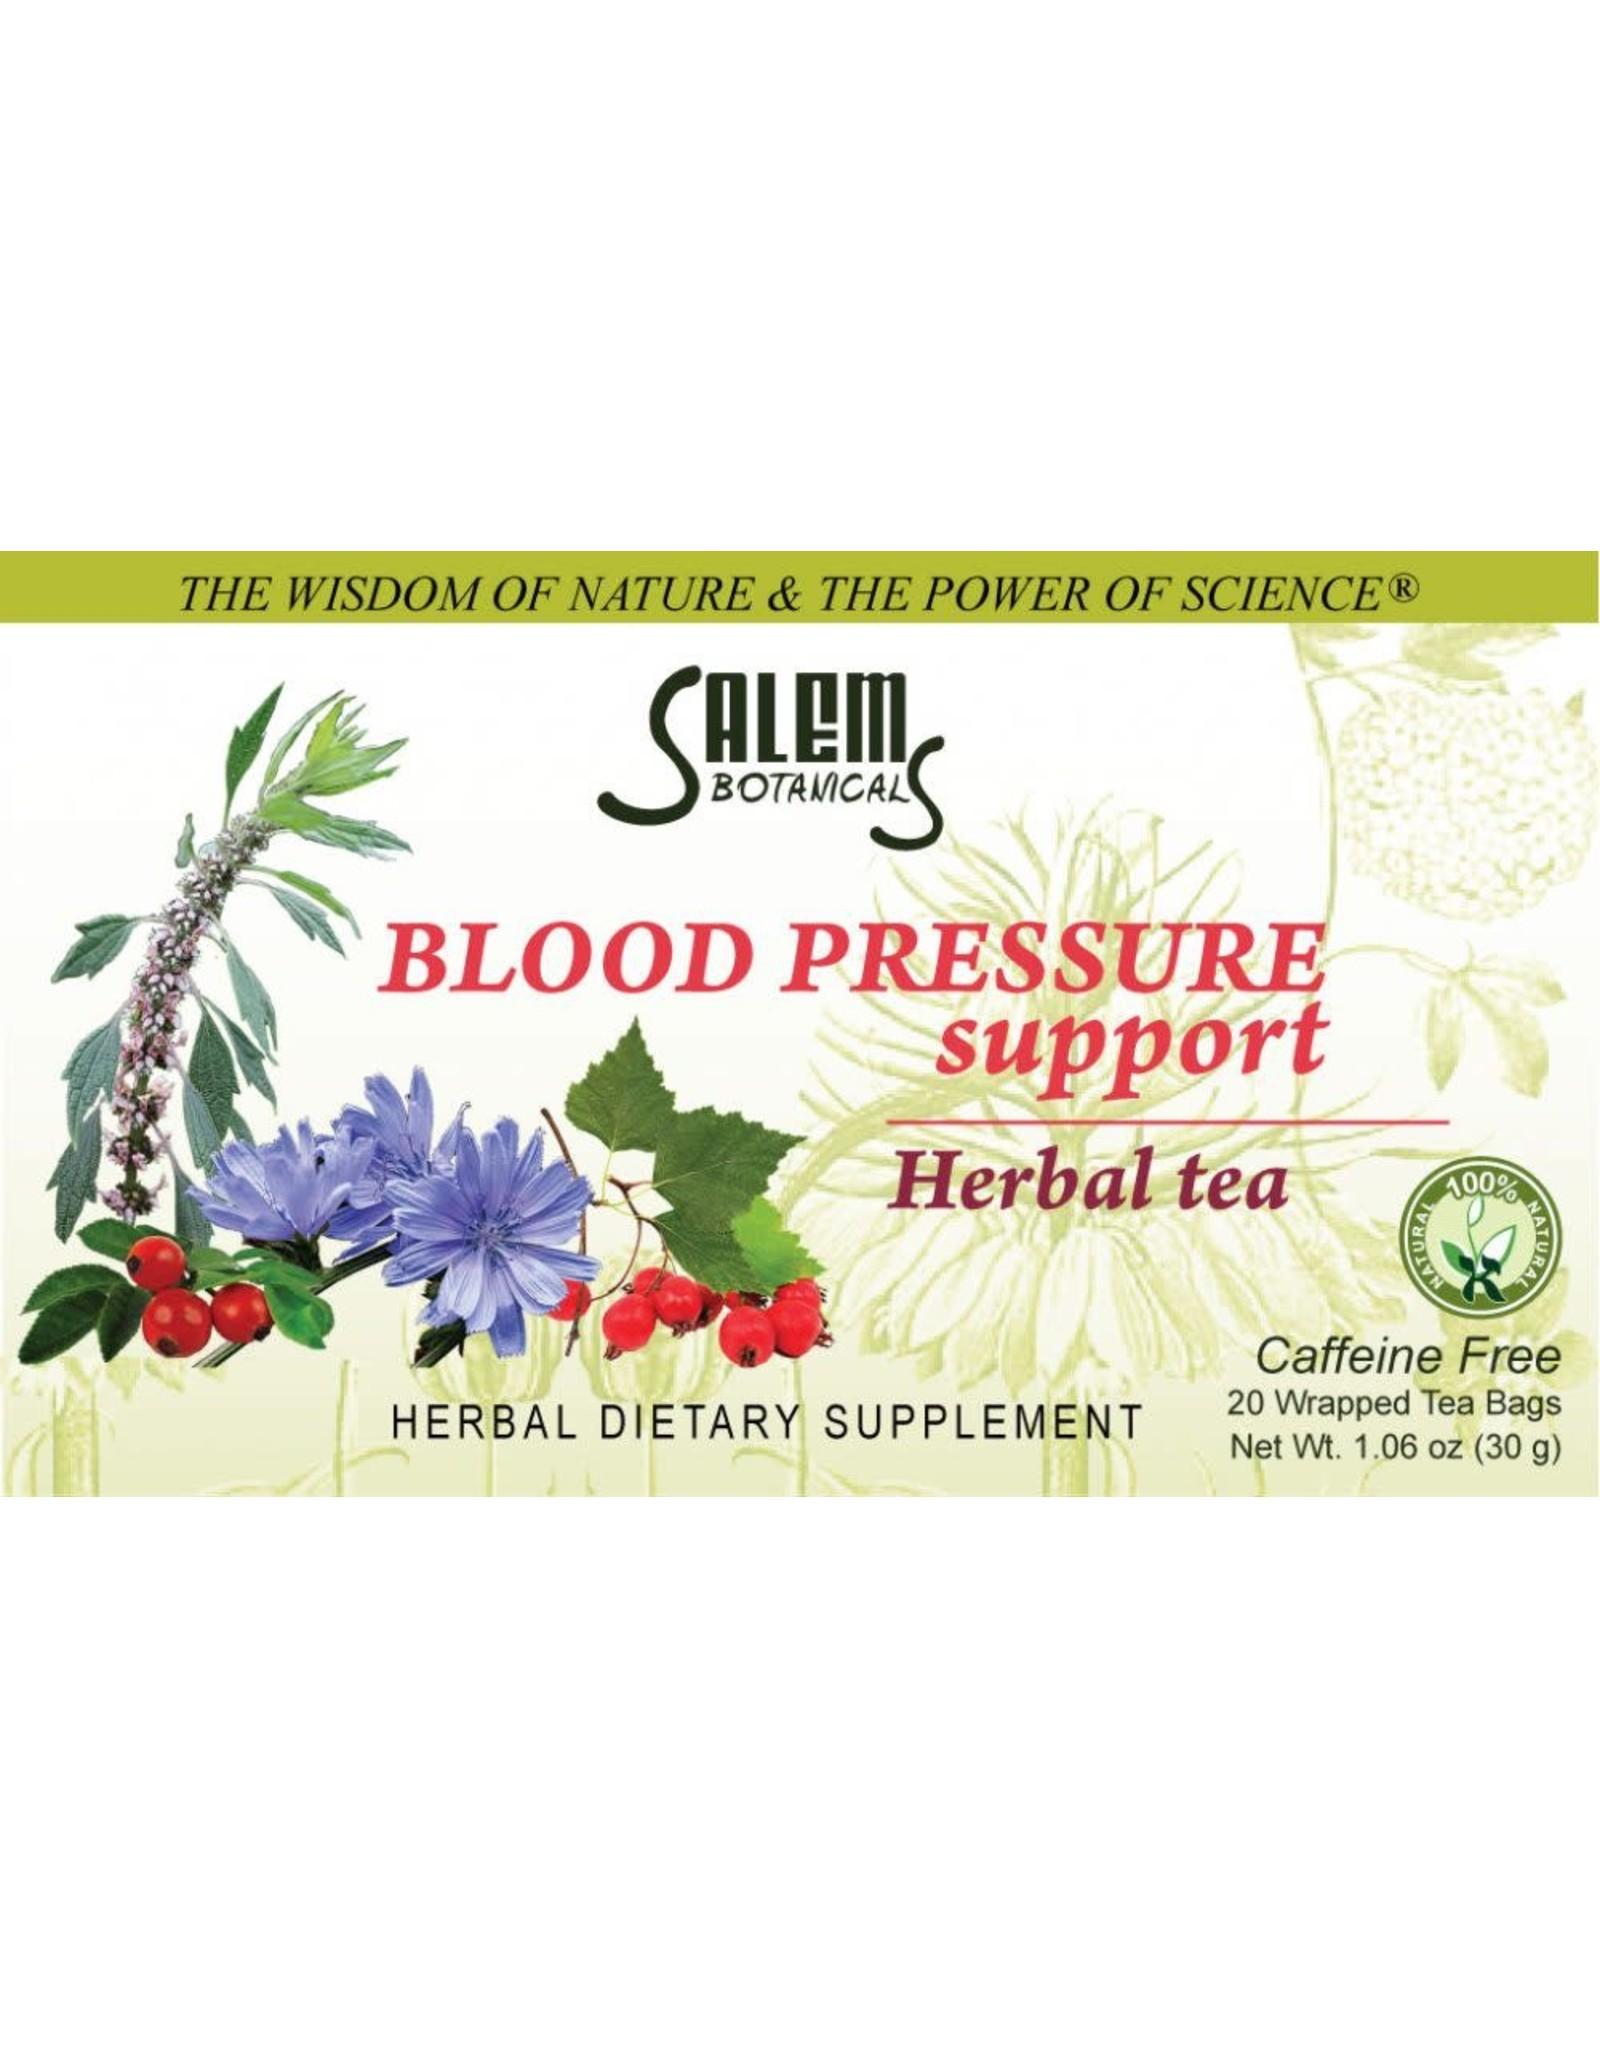 Salem Botanical Травяной чай, поддержка кровяного давления